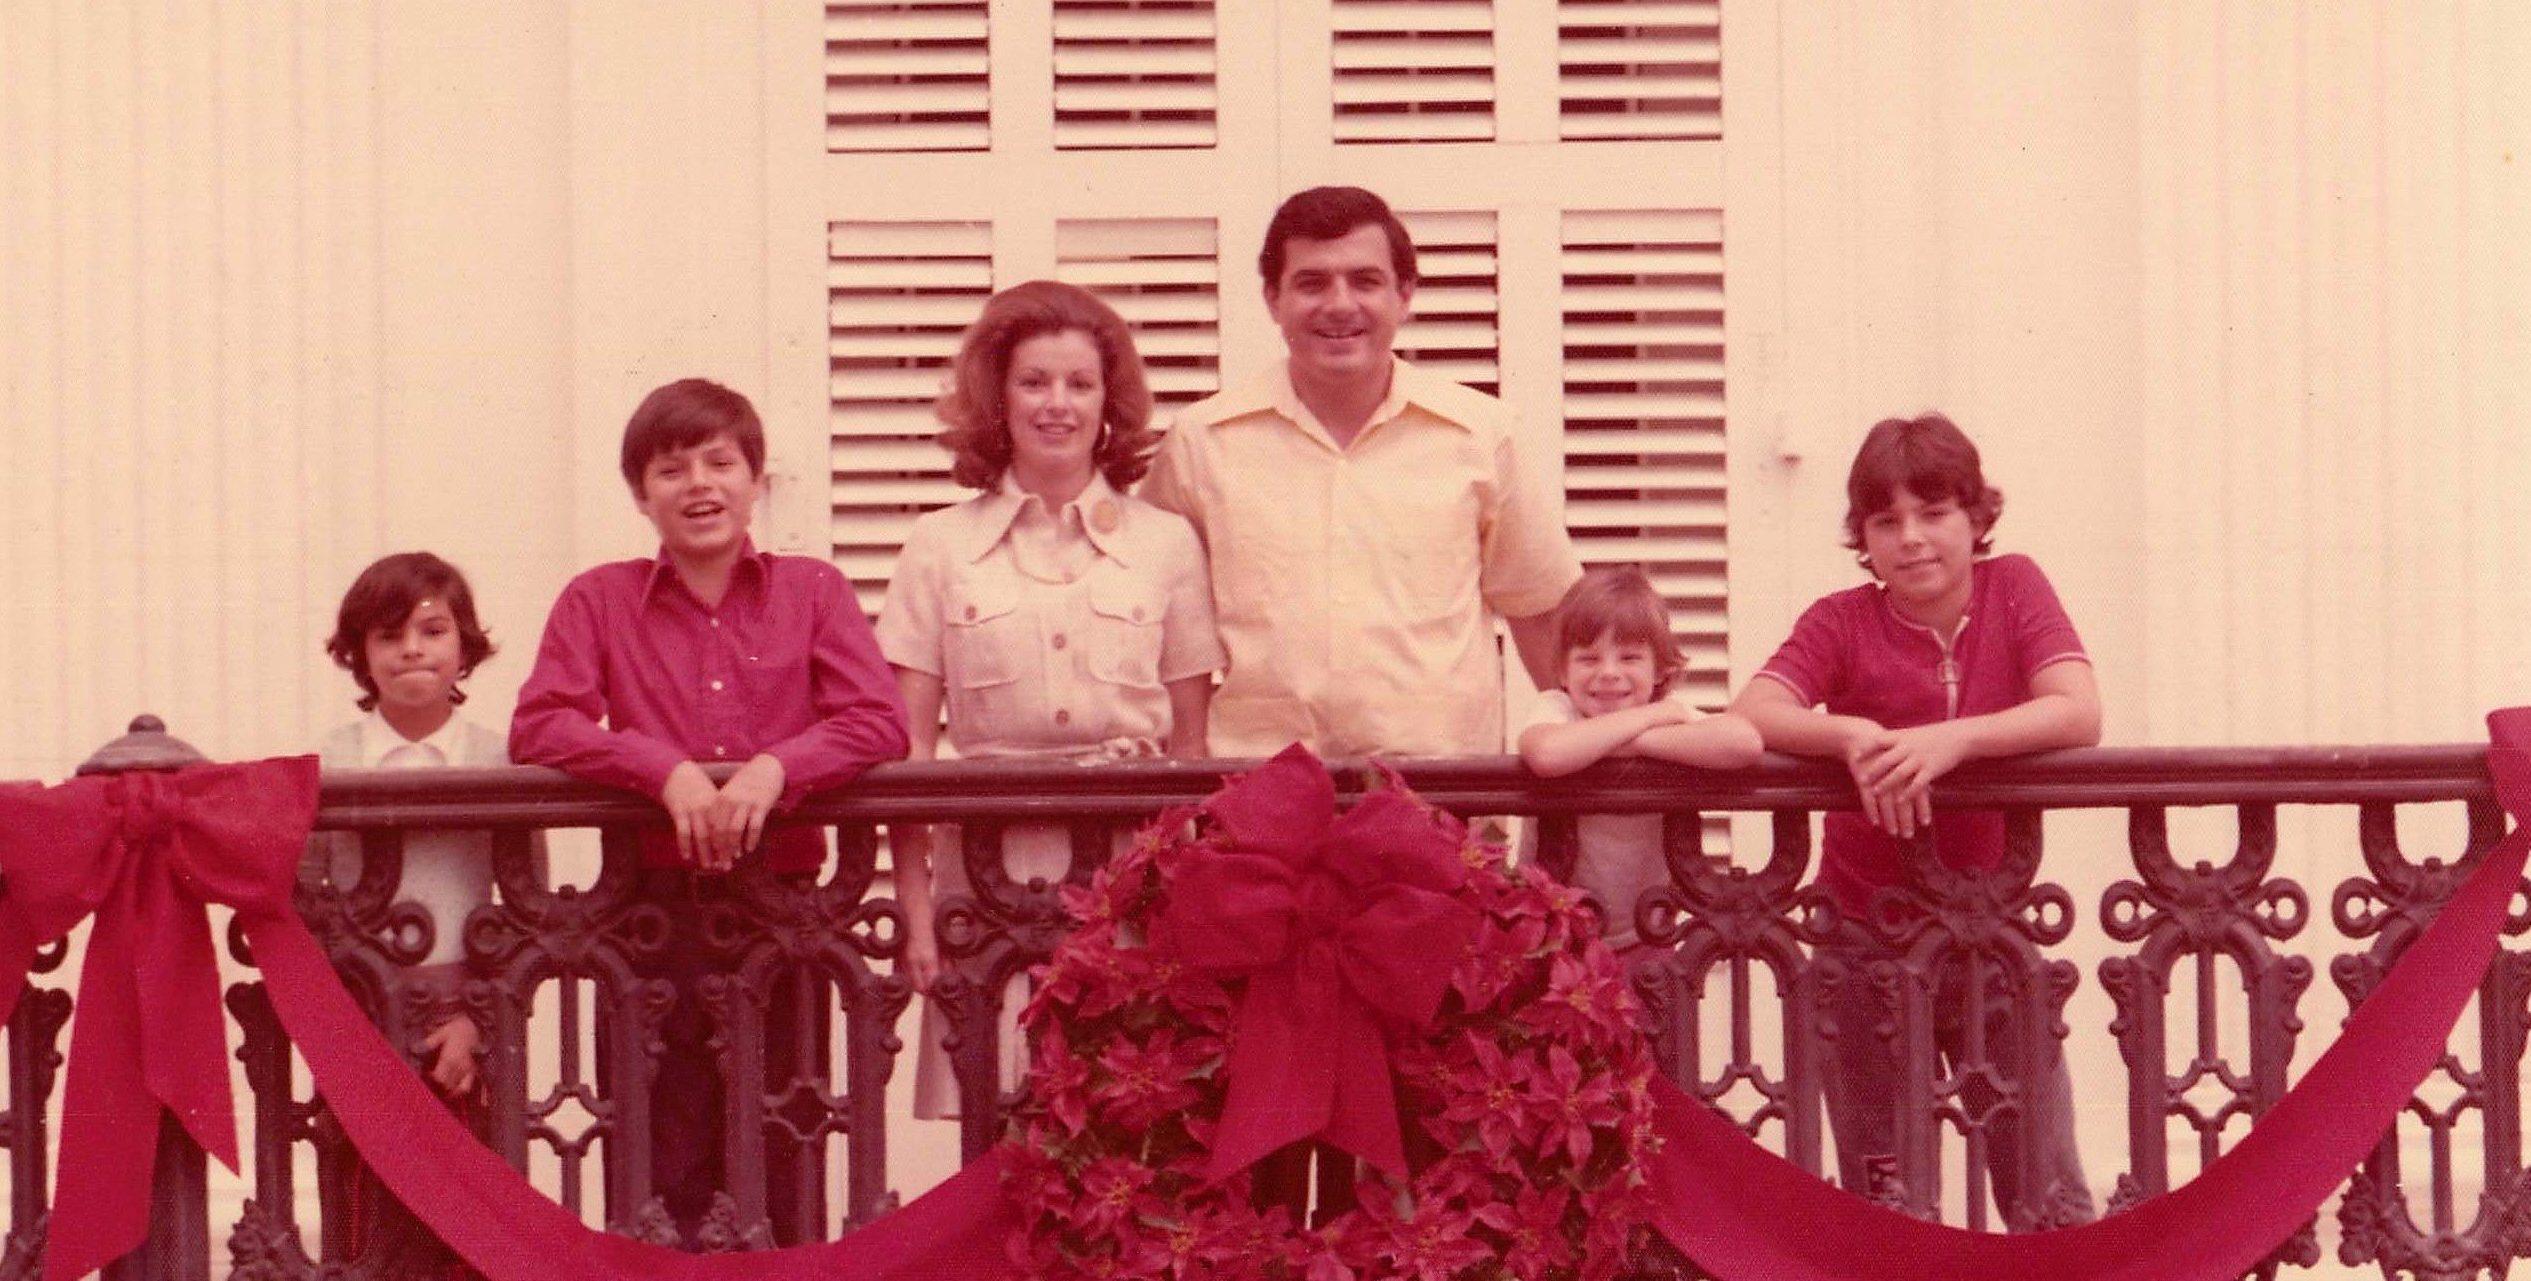 En 1973, Rafael Hernández Colón se convirtió en el gobernador más joven de Puerto Rico. (Suministrada)